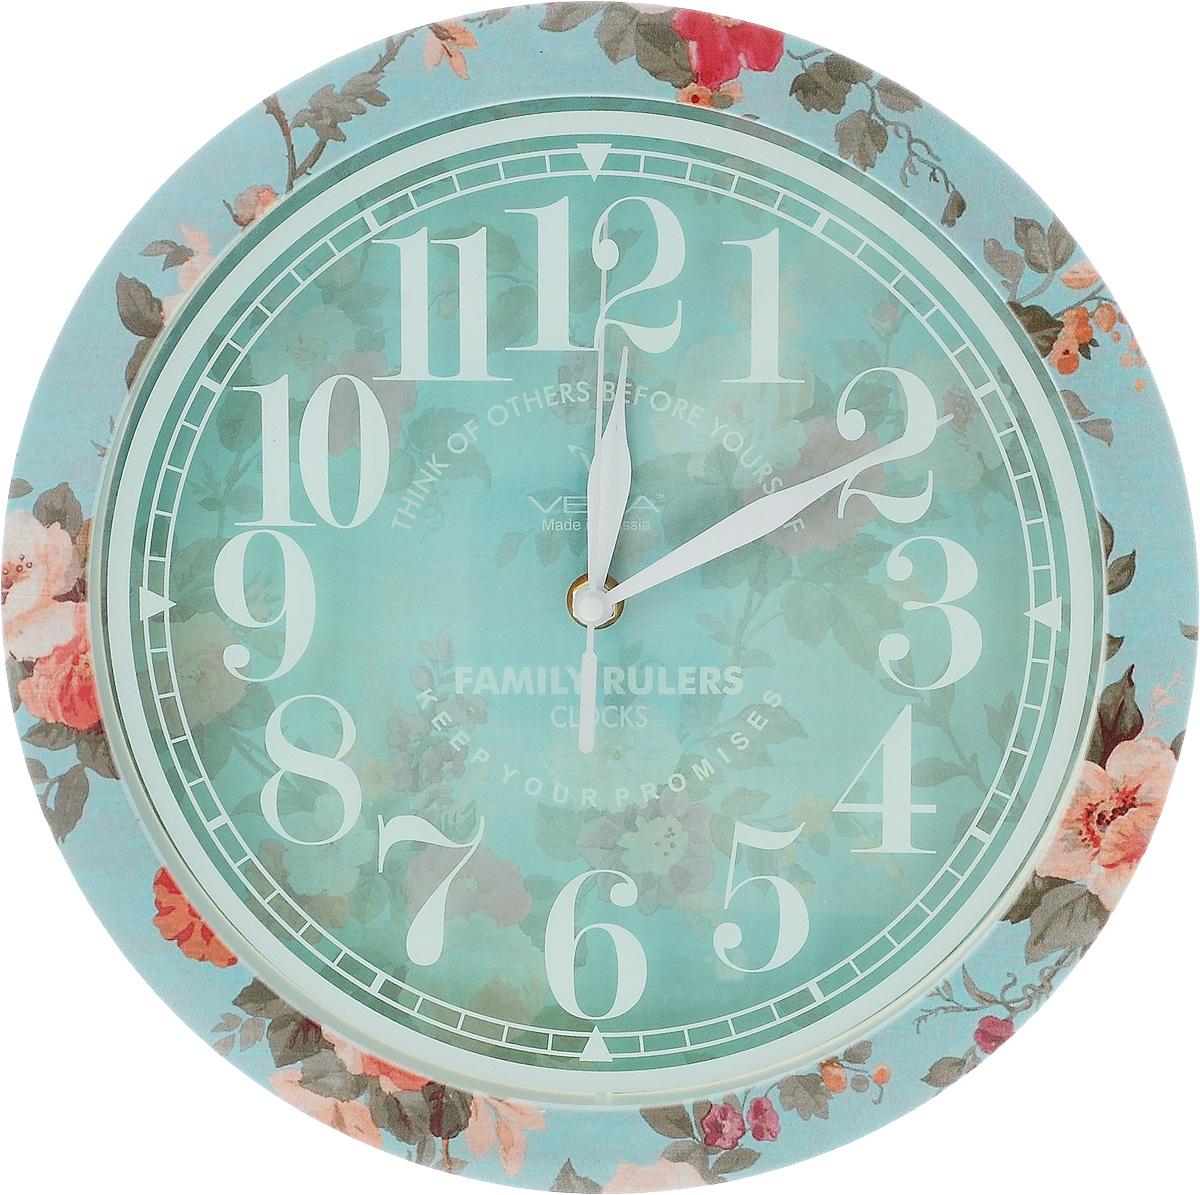 Часы настенные Вега Прованс, диаметр 28,5 смП1-239/7-239Настенные кварцевые часы Вега Прованс, изготовленные из пластика, прекрасно впишутся в интерьер вашего дома. Часы имеют три стрелки: часовую, минутную и секундную, циферблат защищен прозрачным стеклом. Часы работают от 1 батарейки типа АА напряжением 1,5 В (не входит в комплект). Прилагается инструкция по эксплуатации.